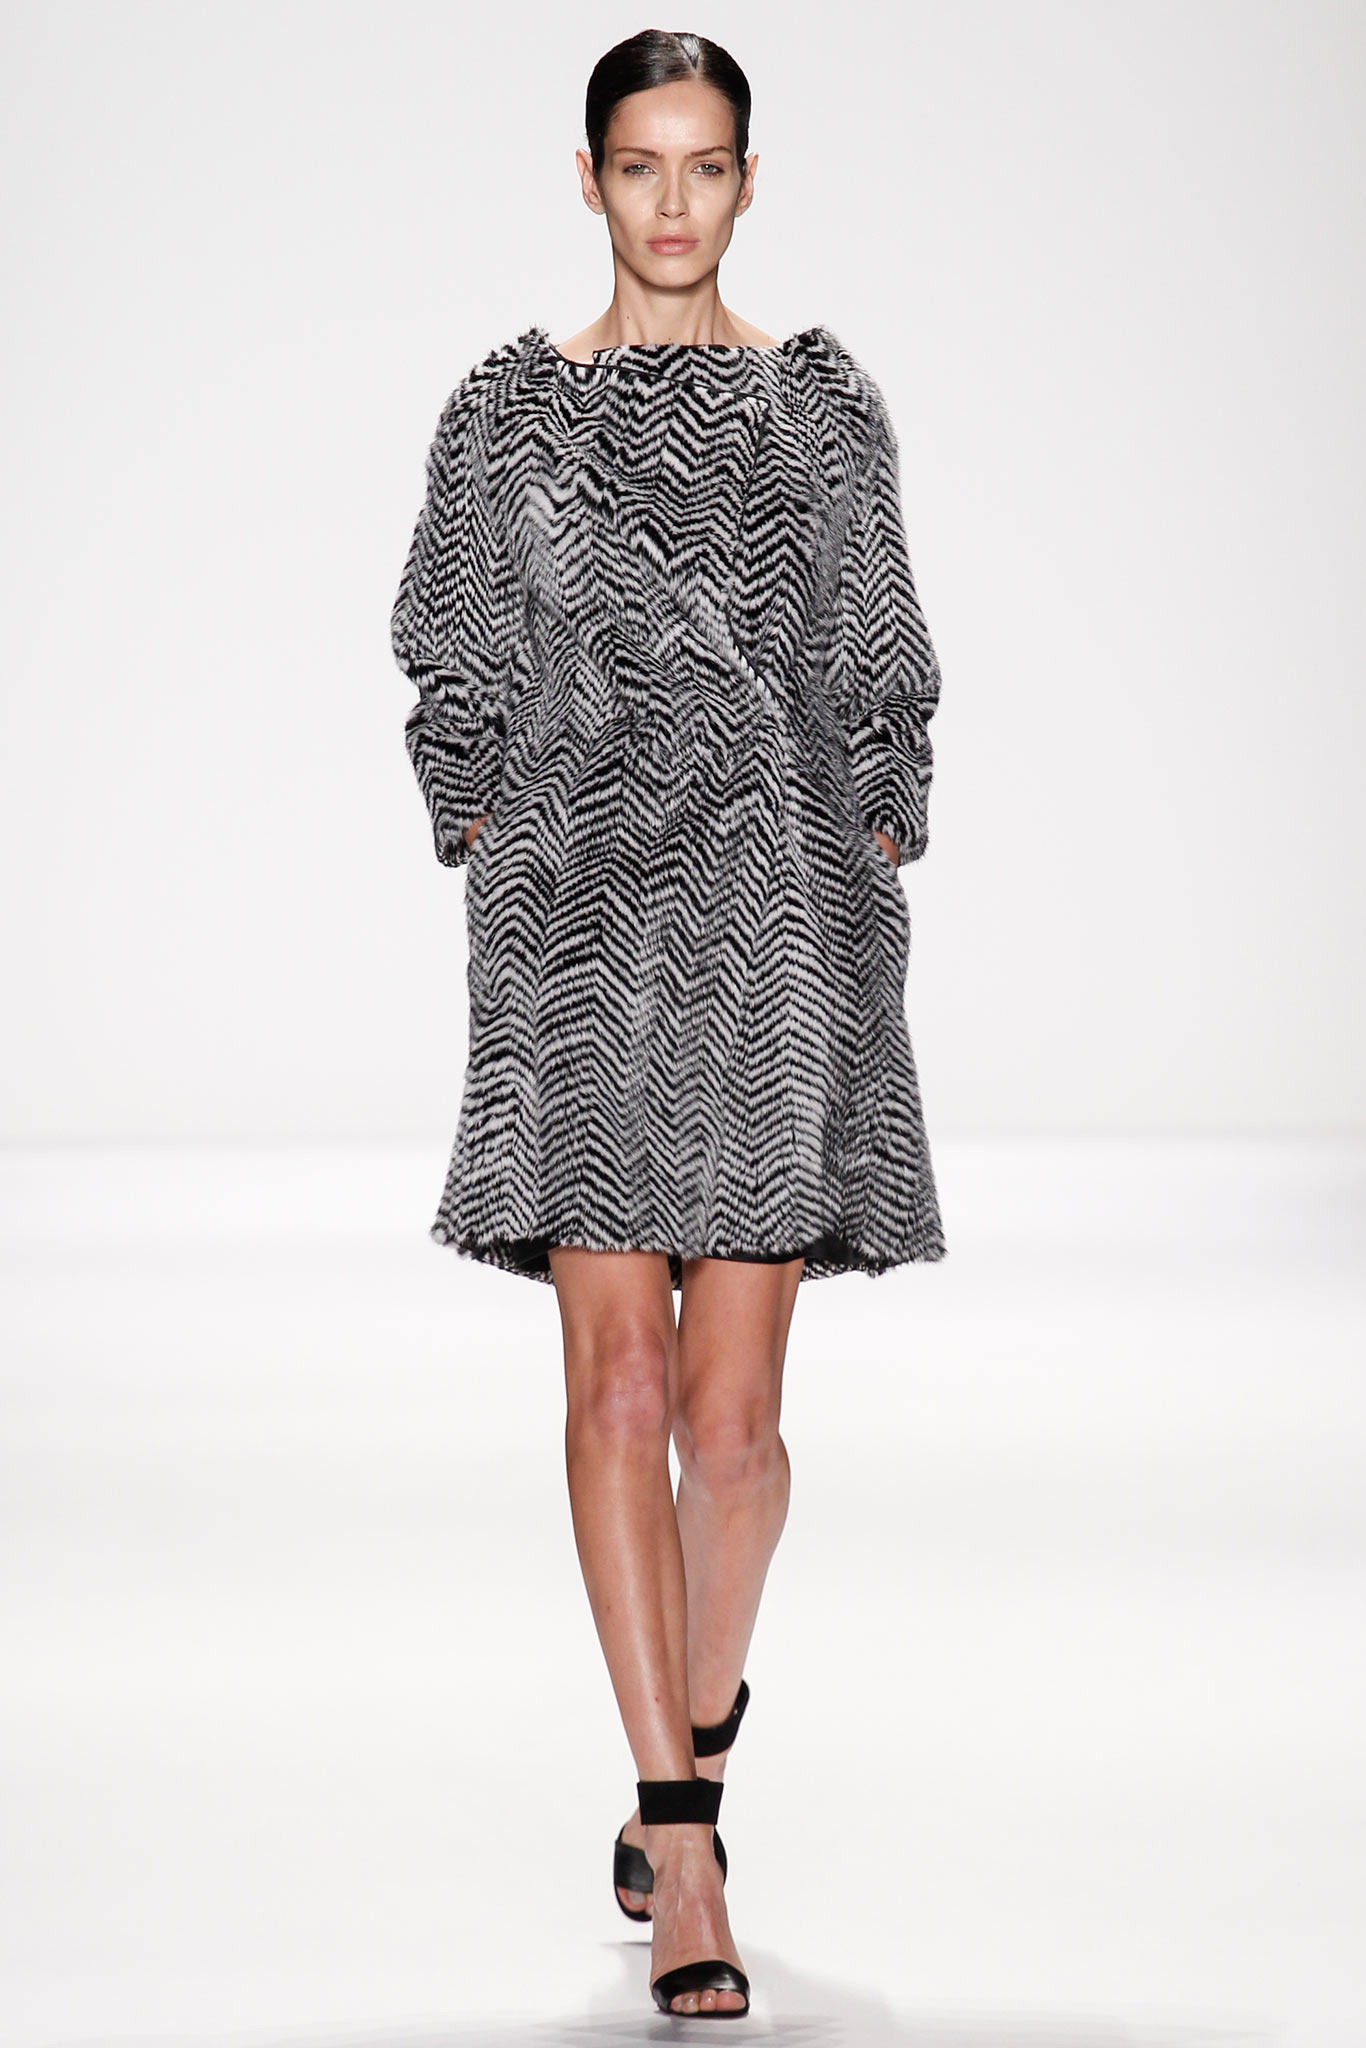 Элегантная Женская Одежда 2014